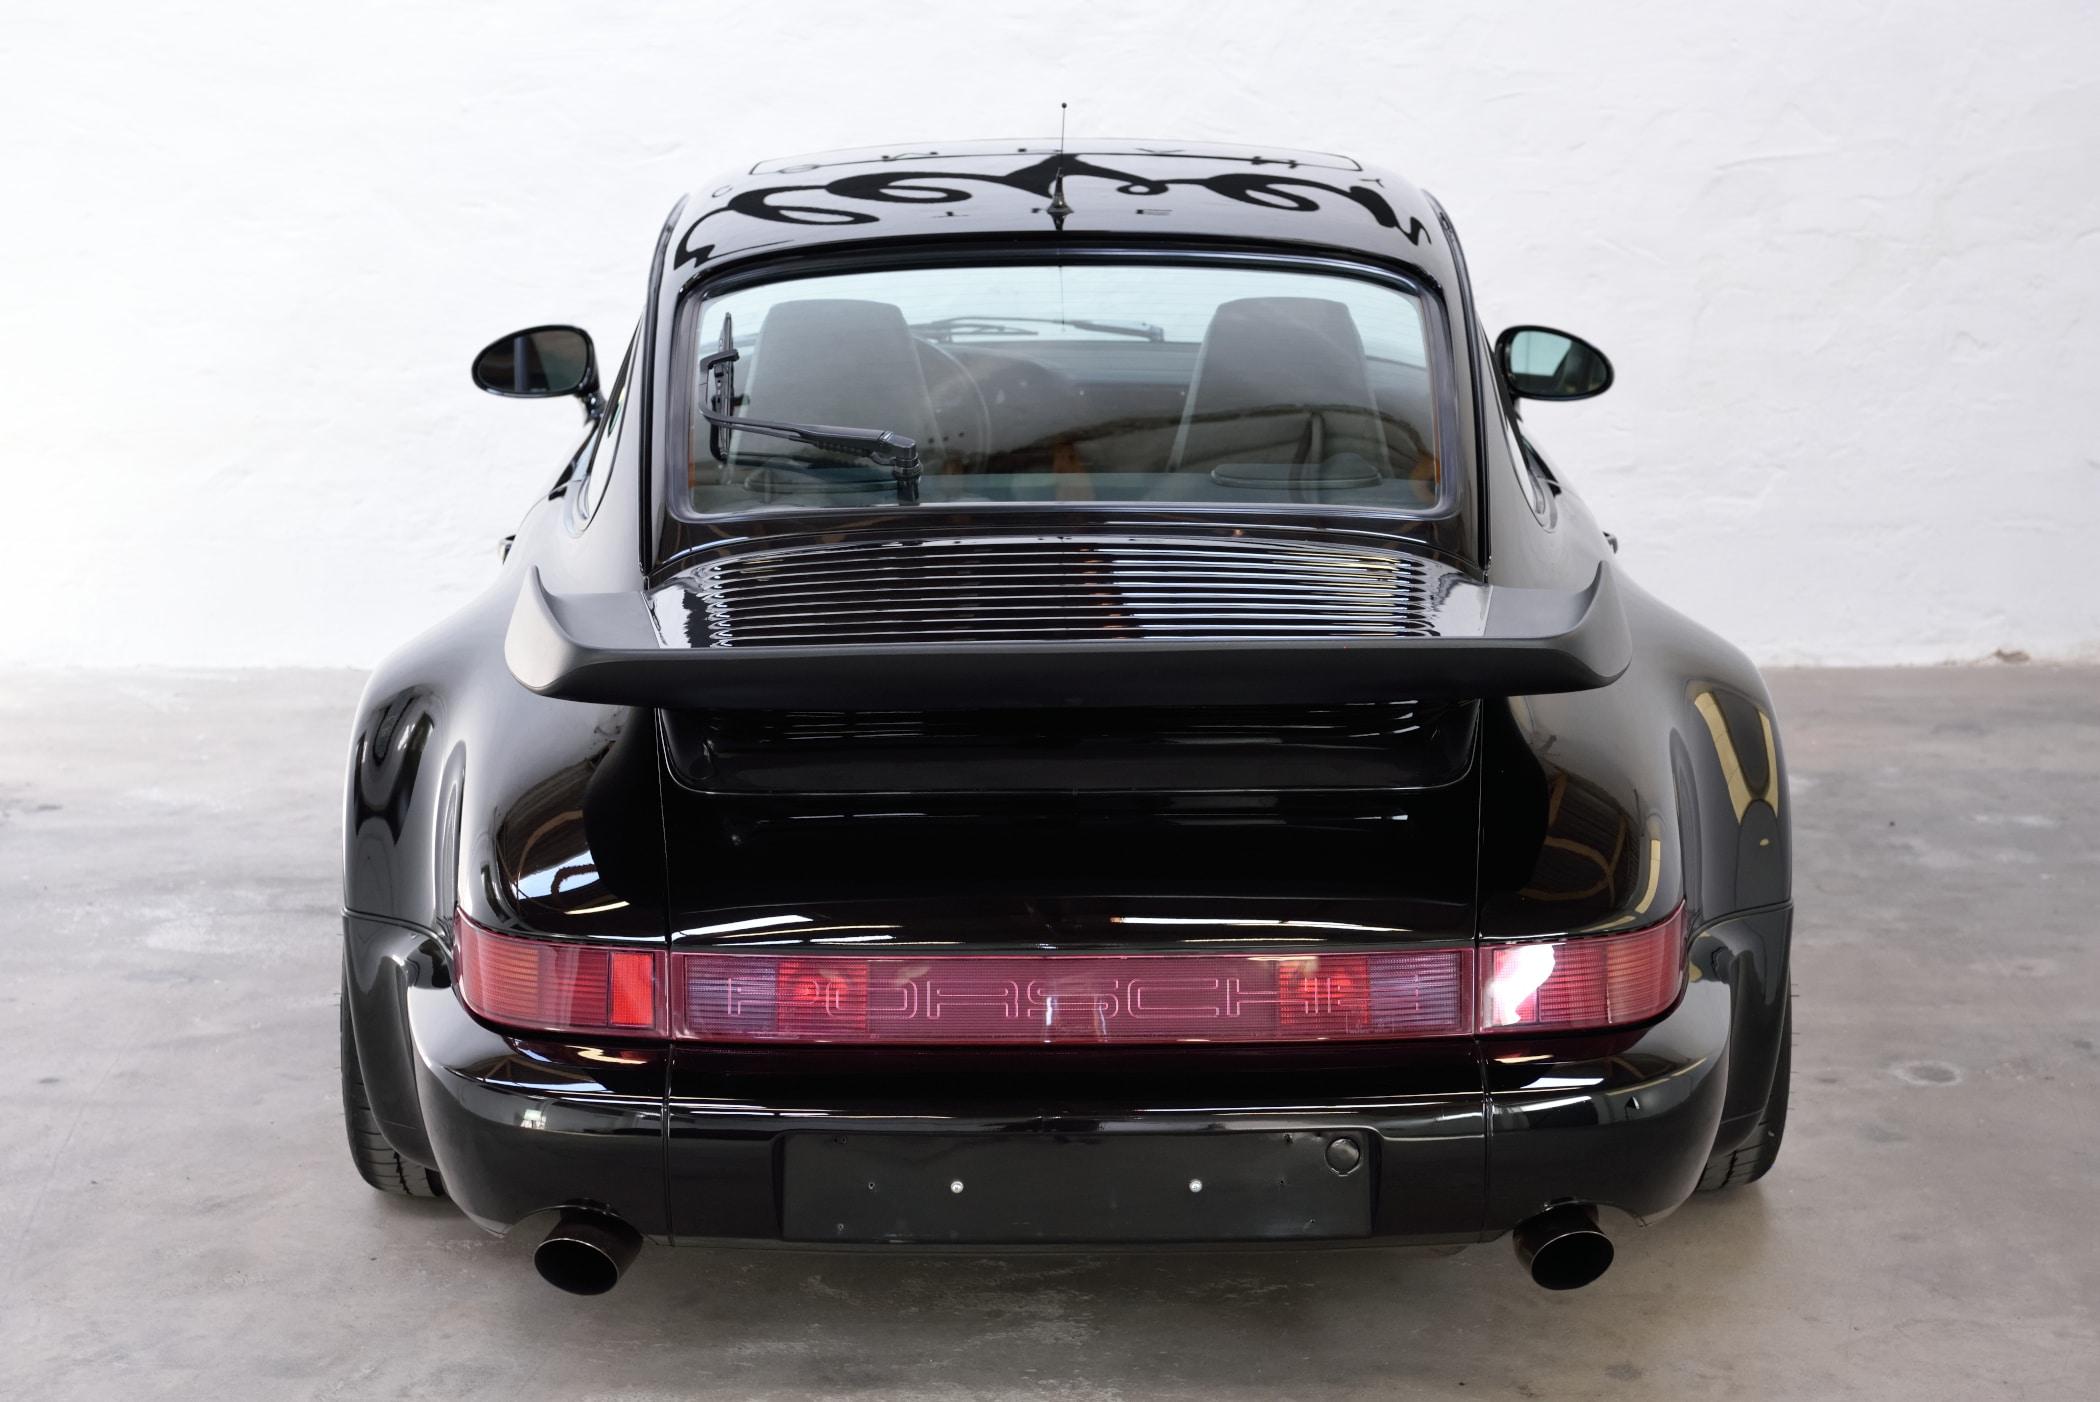 Porsche 911 Turbo schwarzmetallic